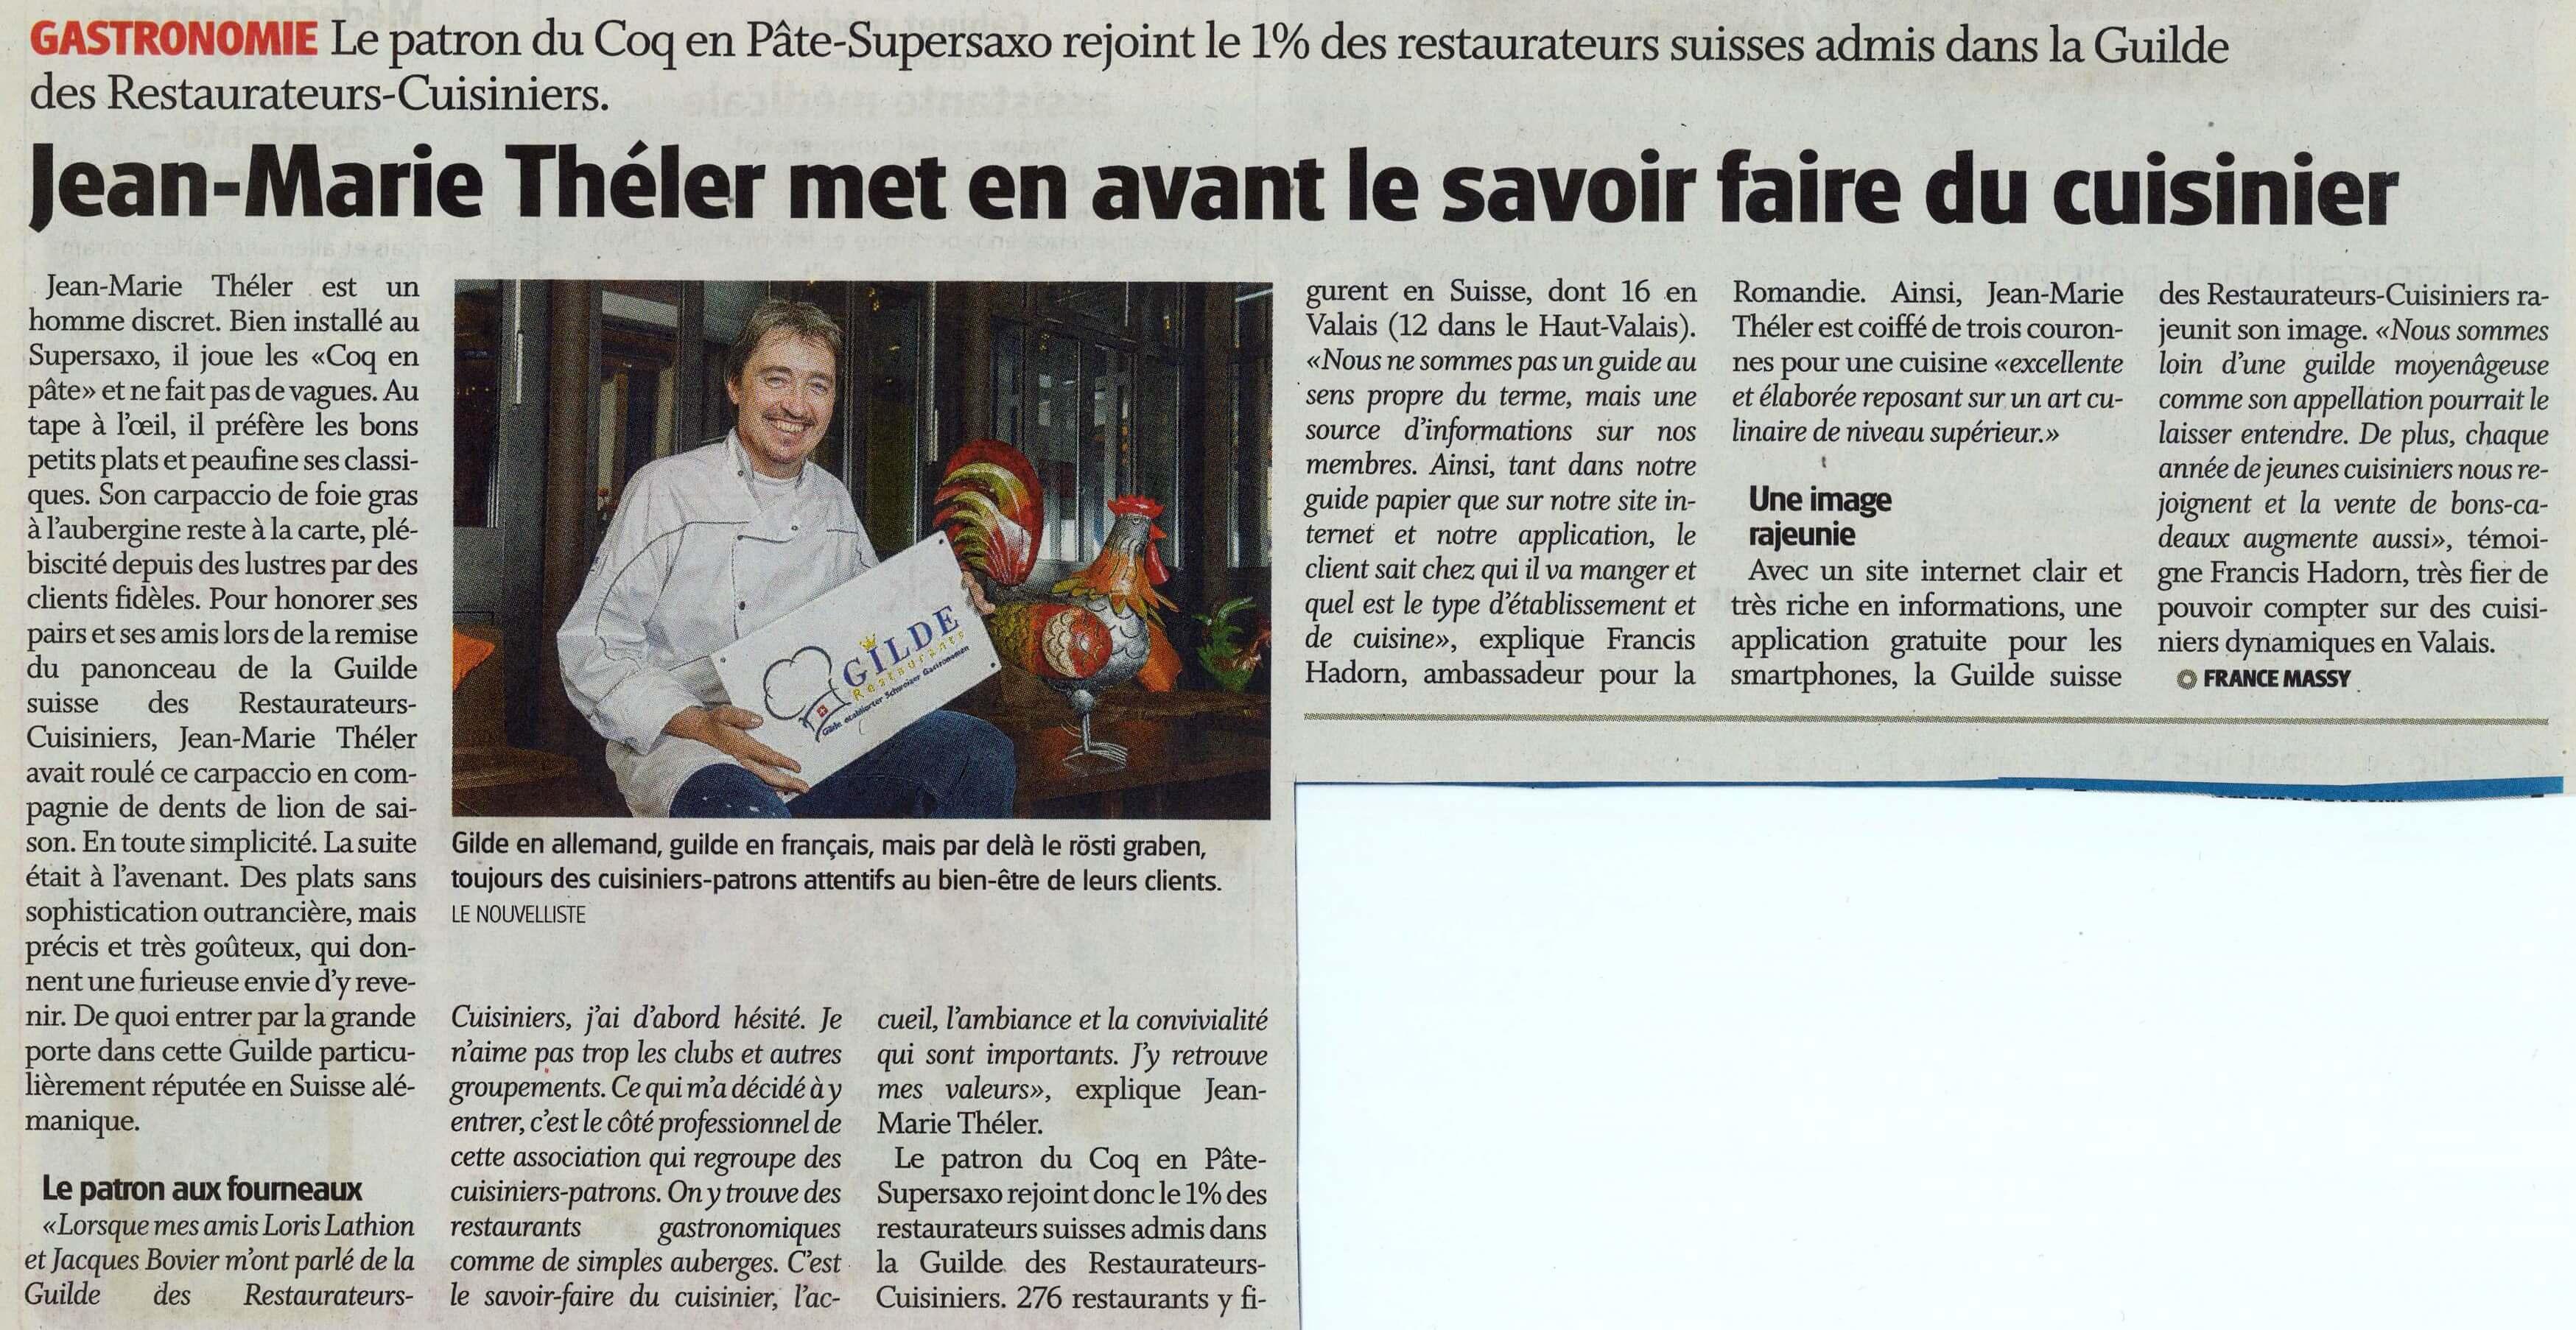 Admission du Coq en Pâte à Sion dans la GUILDE des Restaurateurs – Cuisiniers